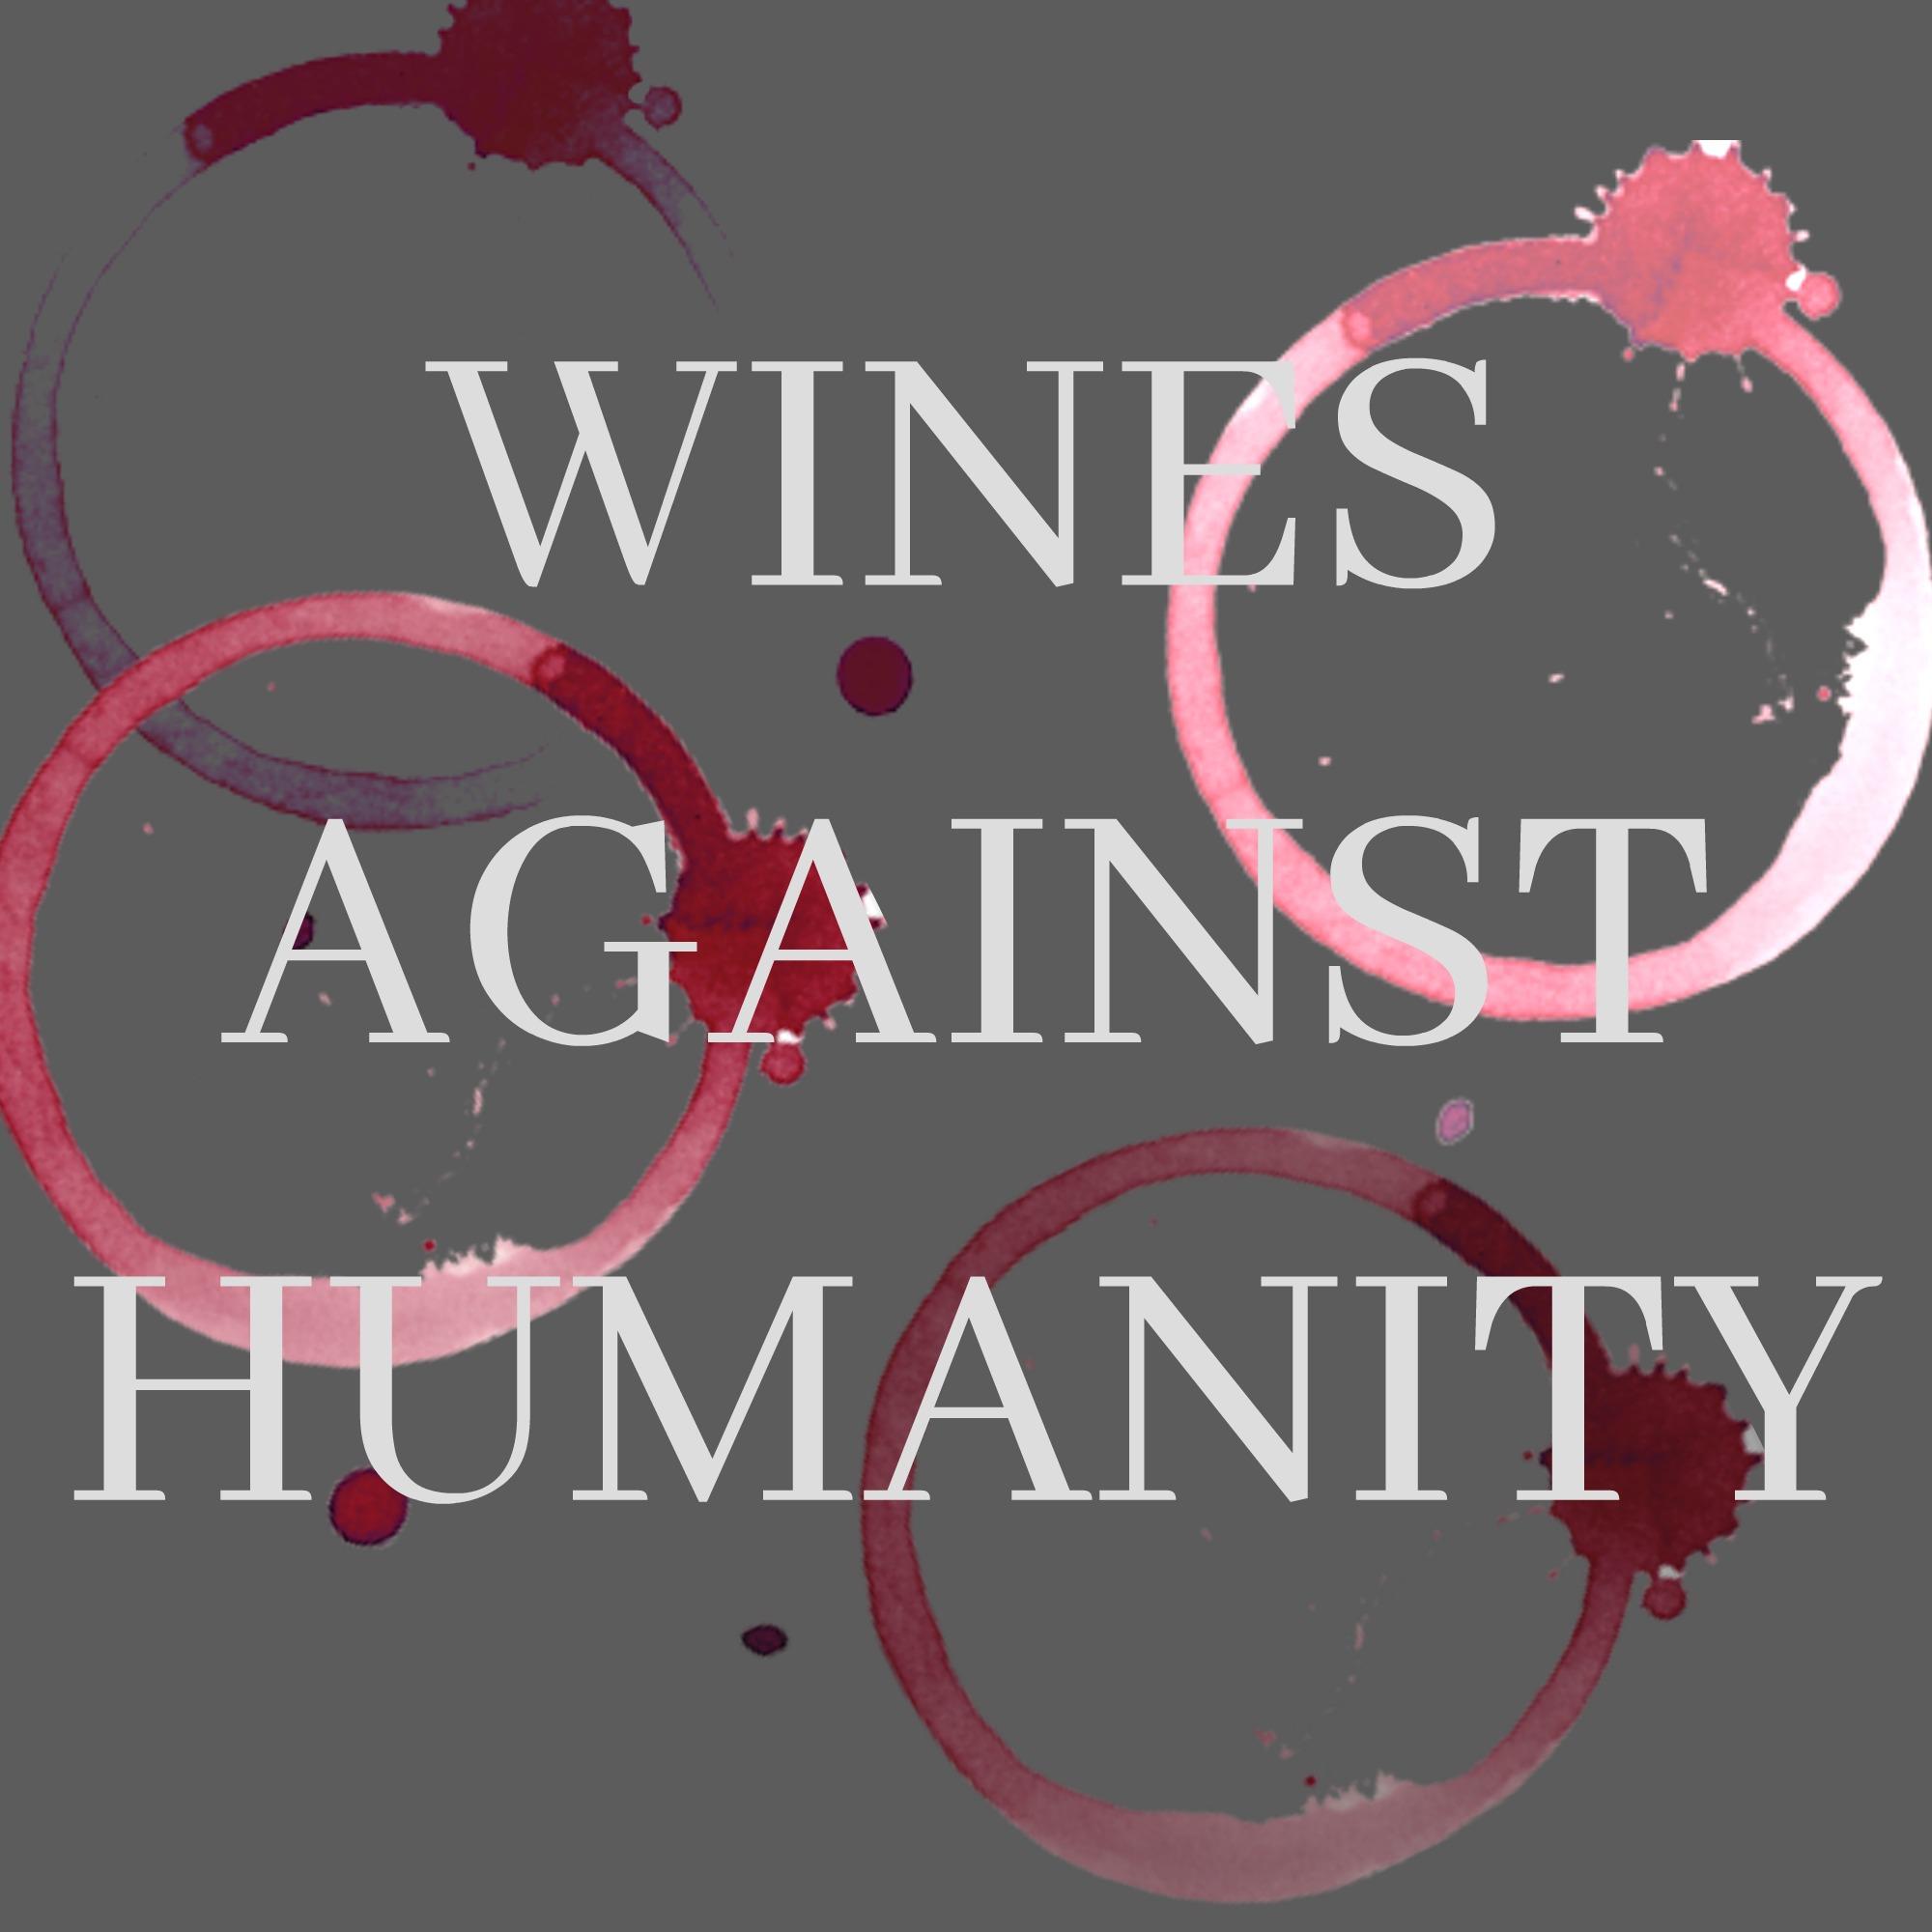 wines against.jpg